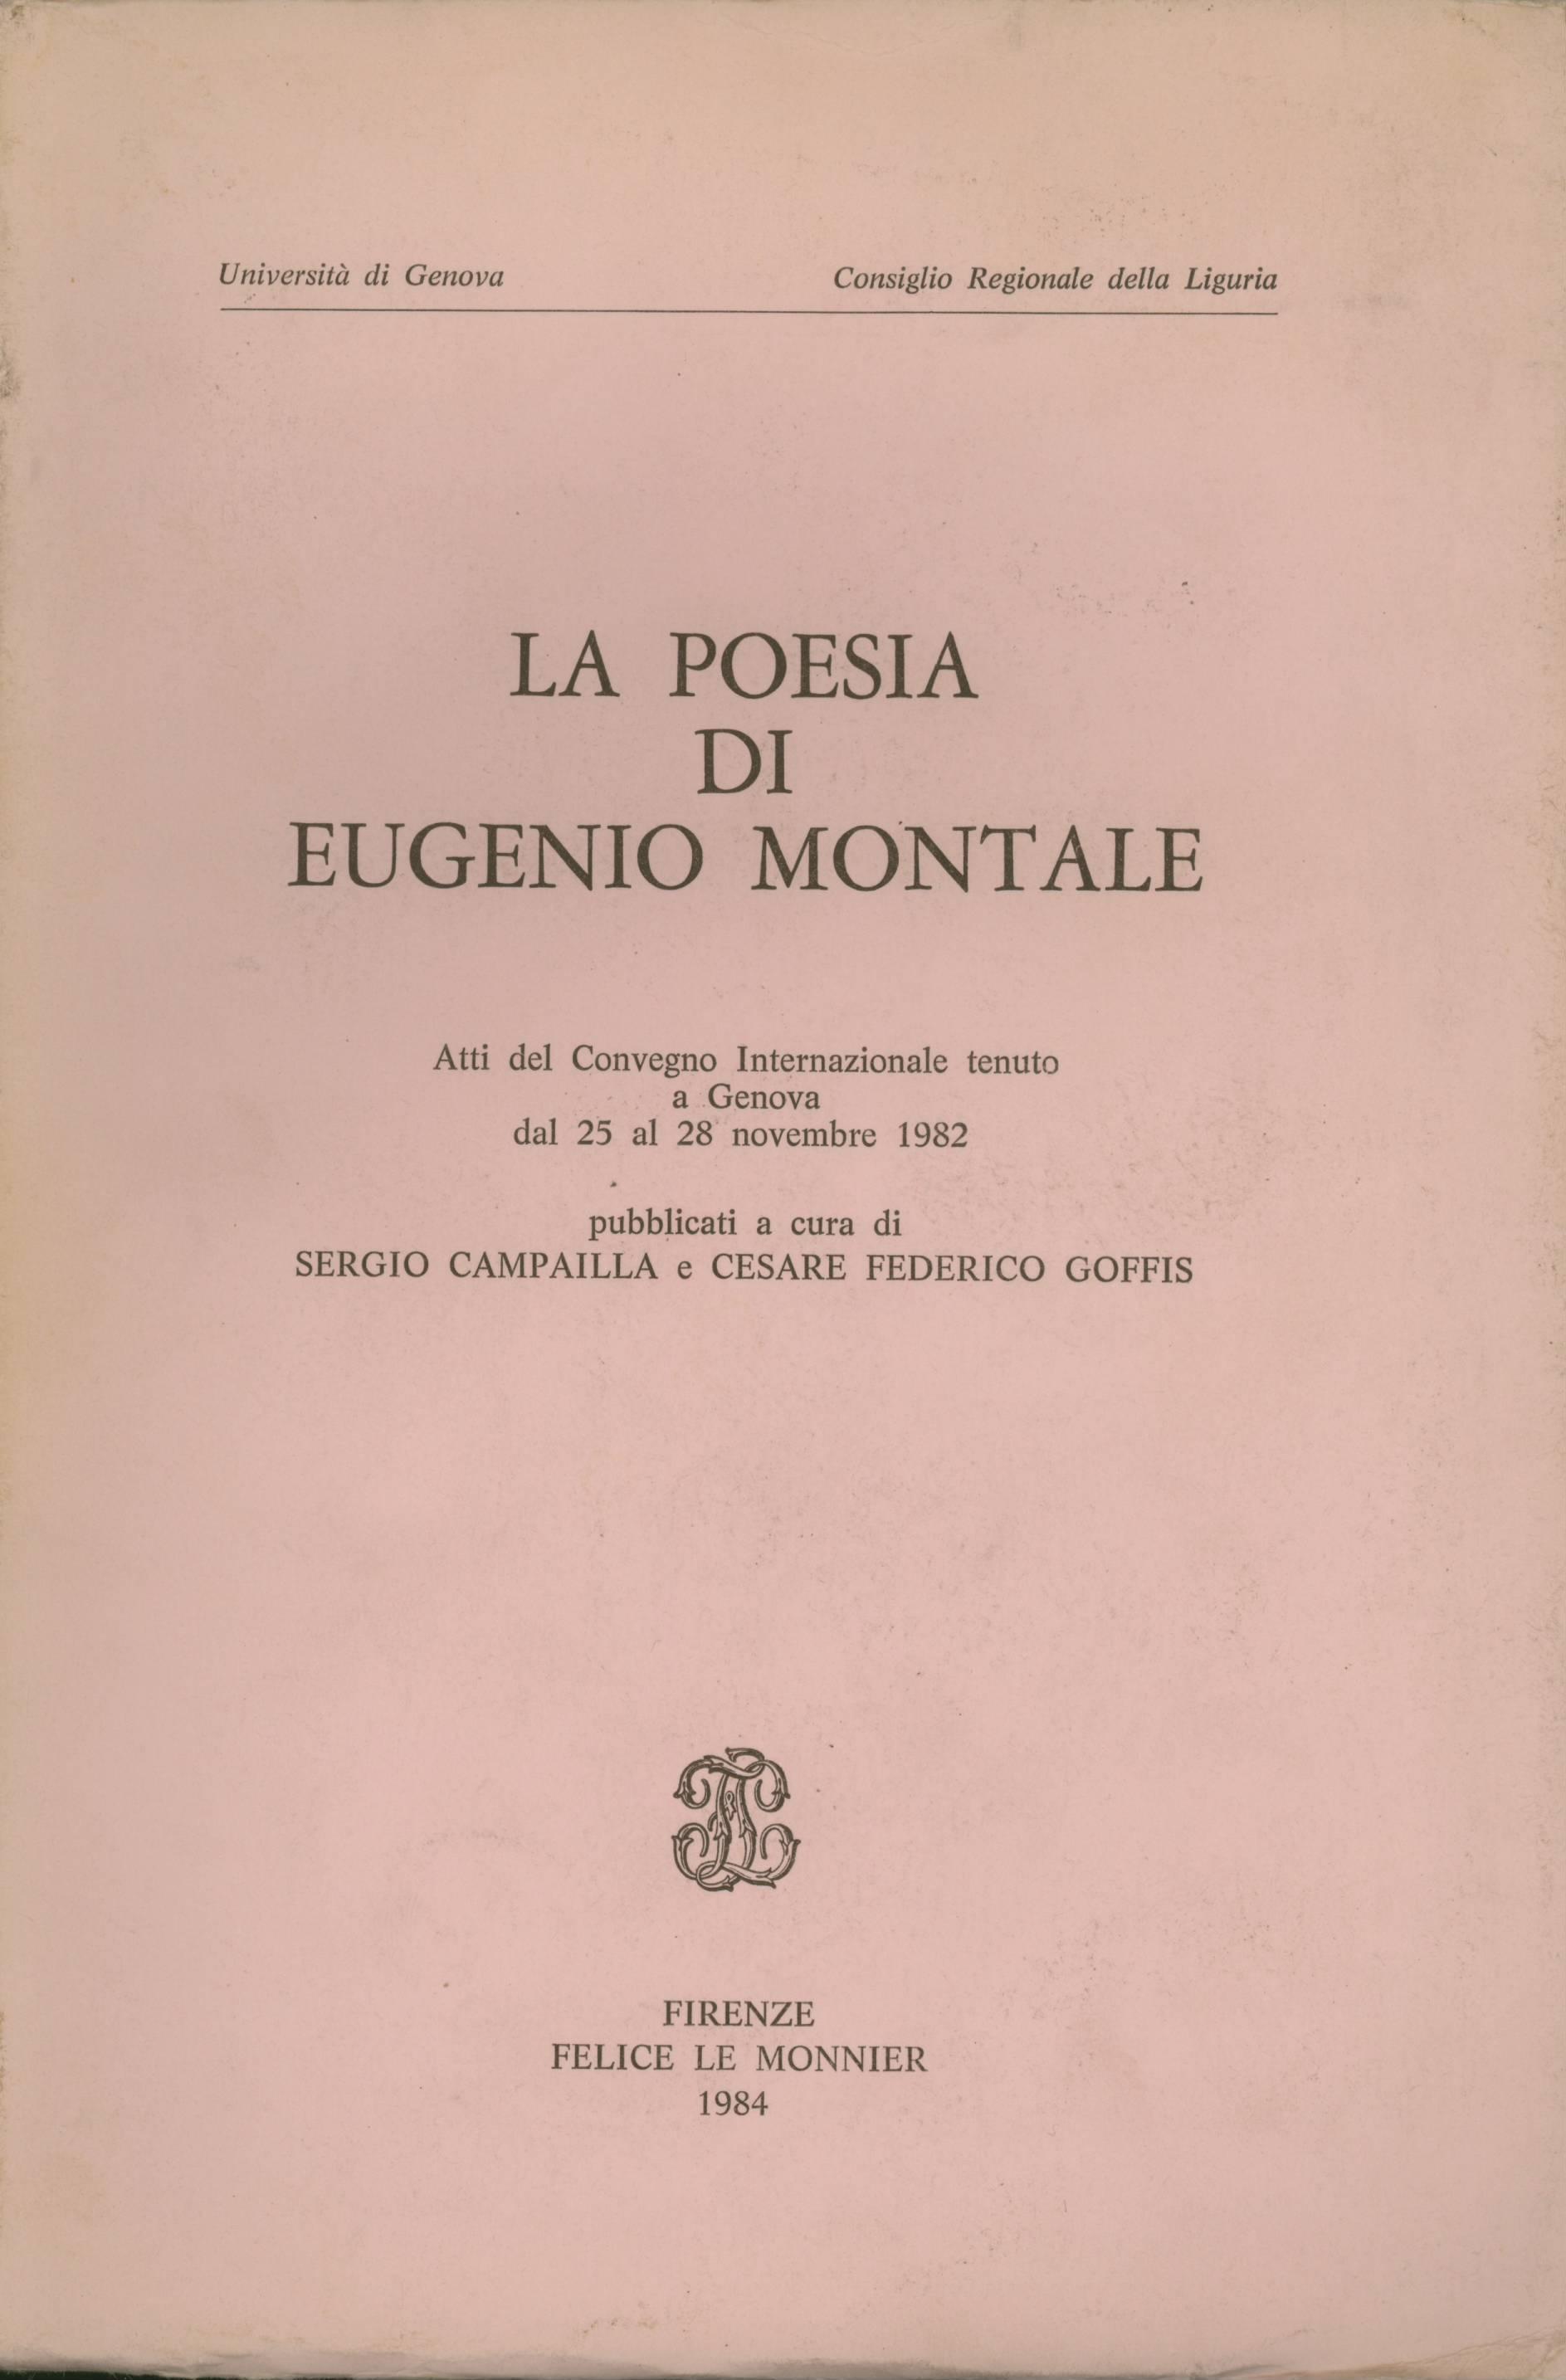 La poesia di Eugenio Montale